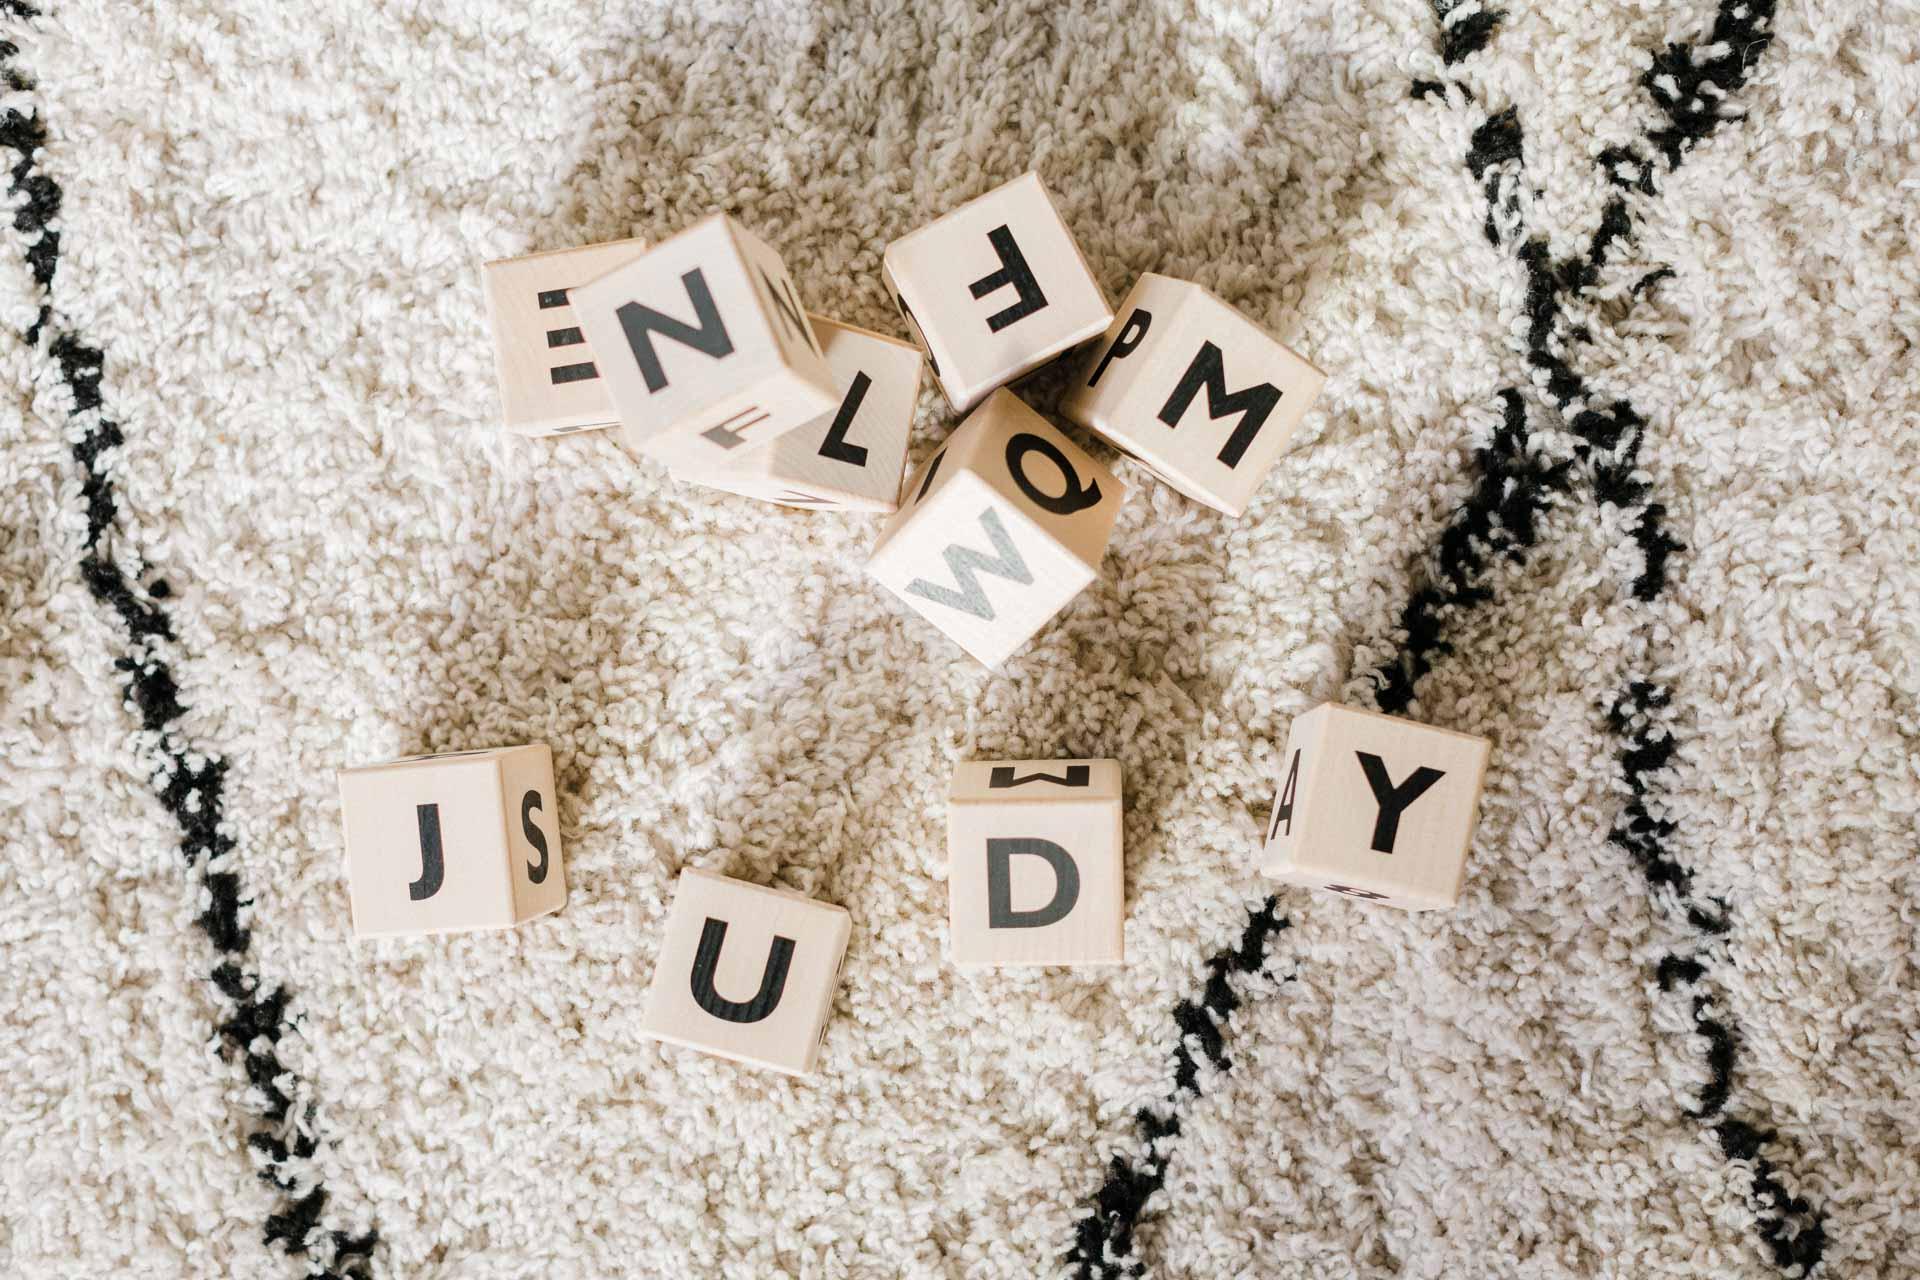 cube-en-bois-minimaliste-lettre-noire-ooh-noo